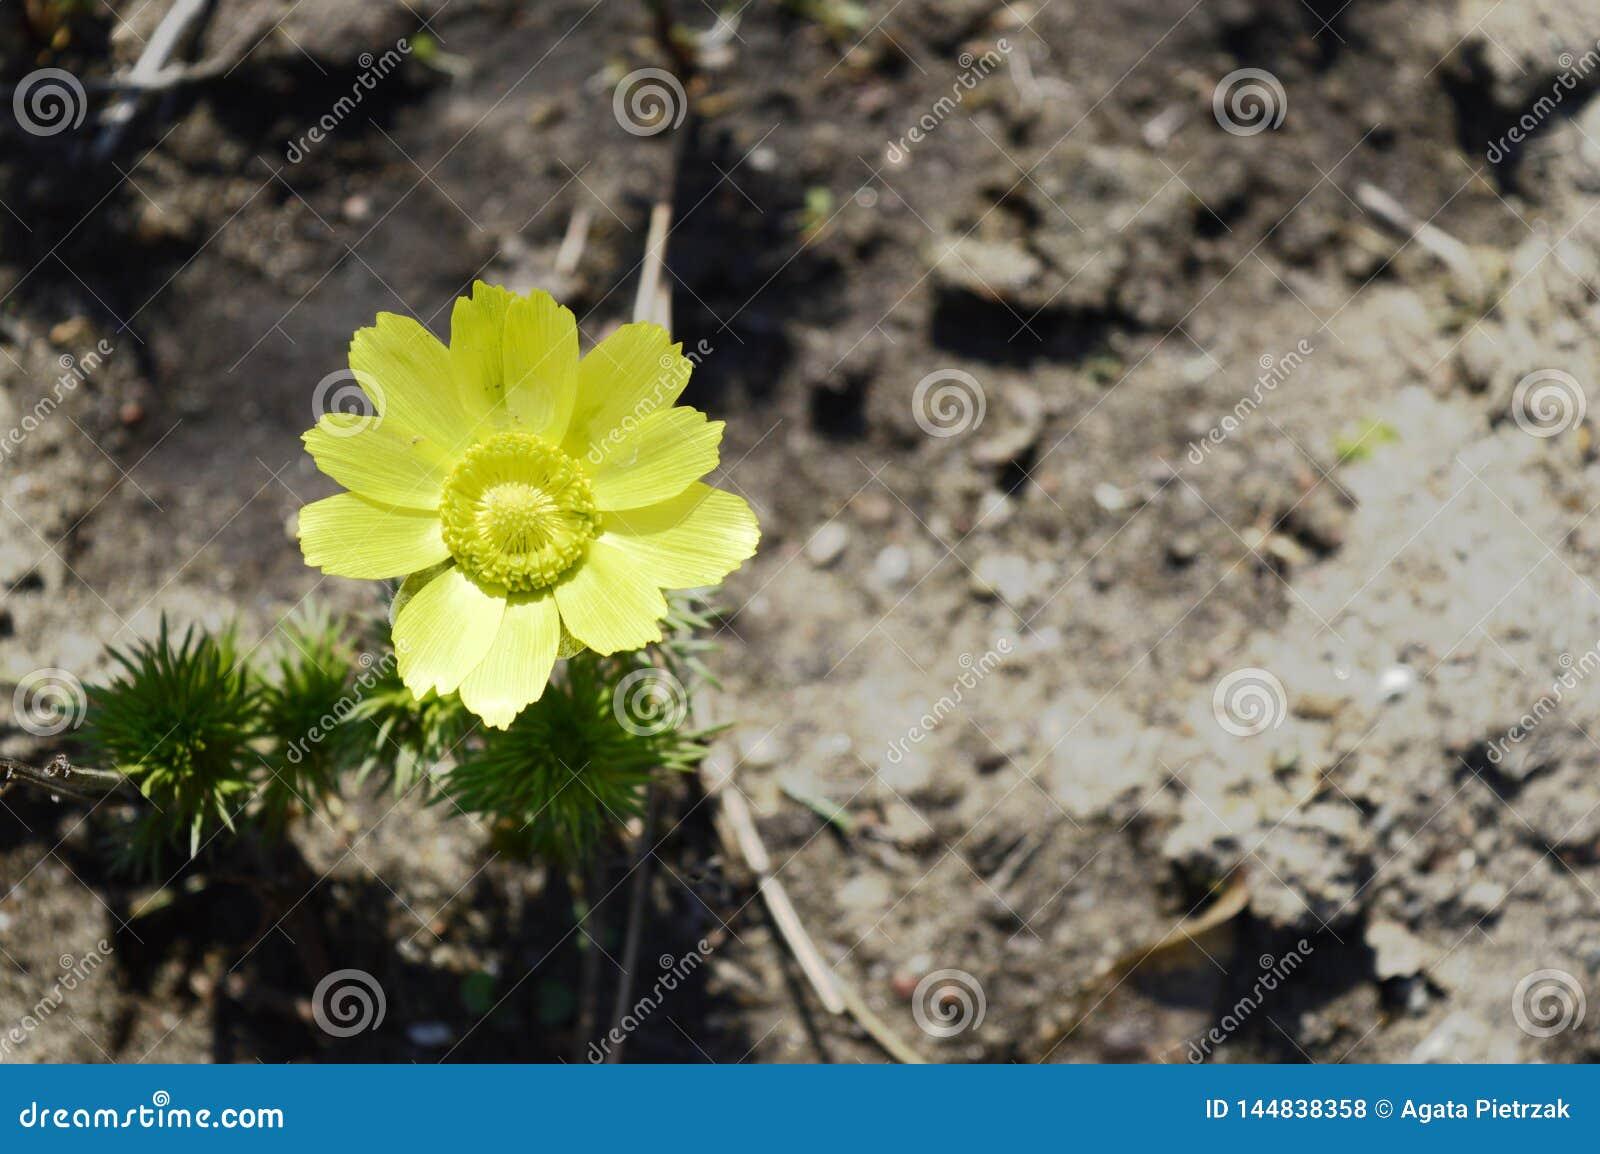 Vernalis amarelos de adonis completamente…